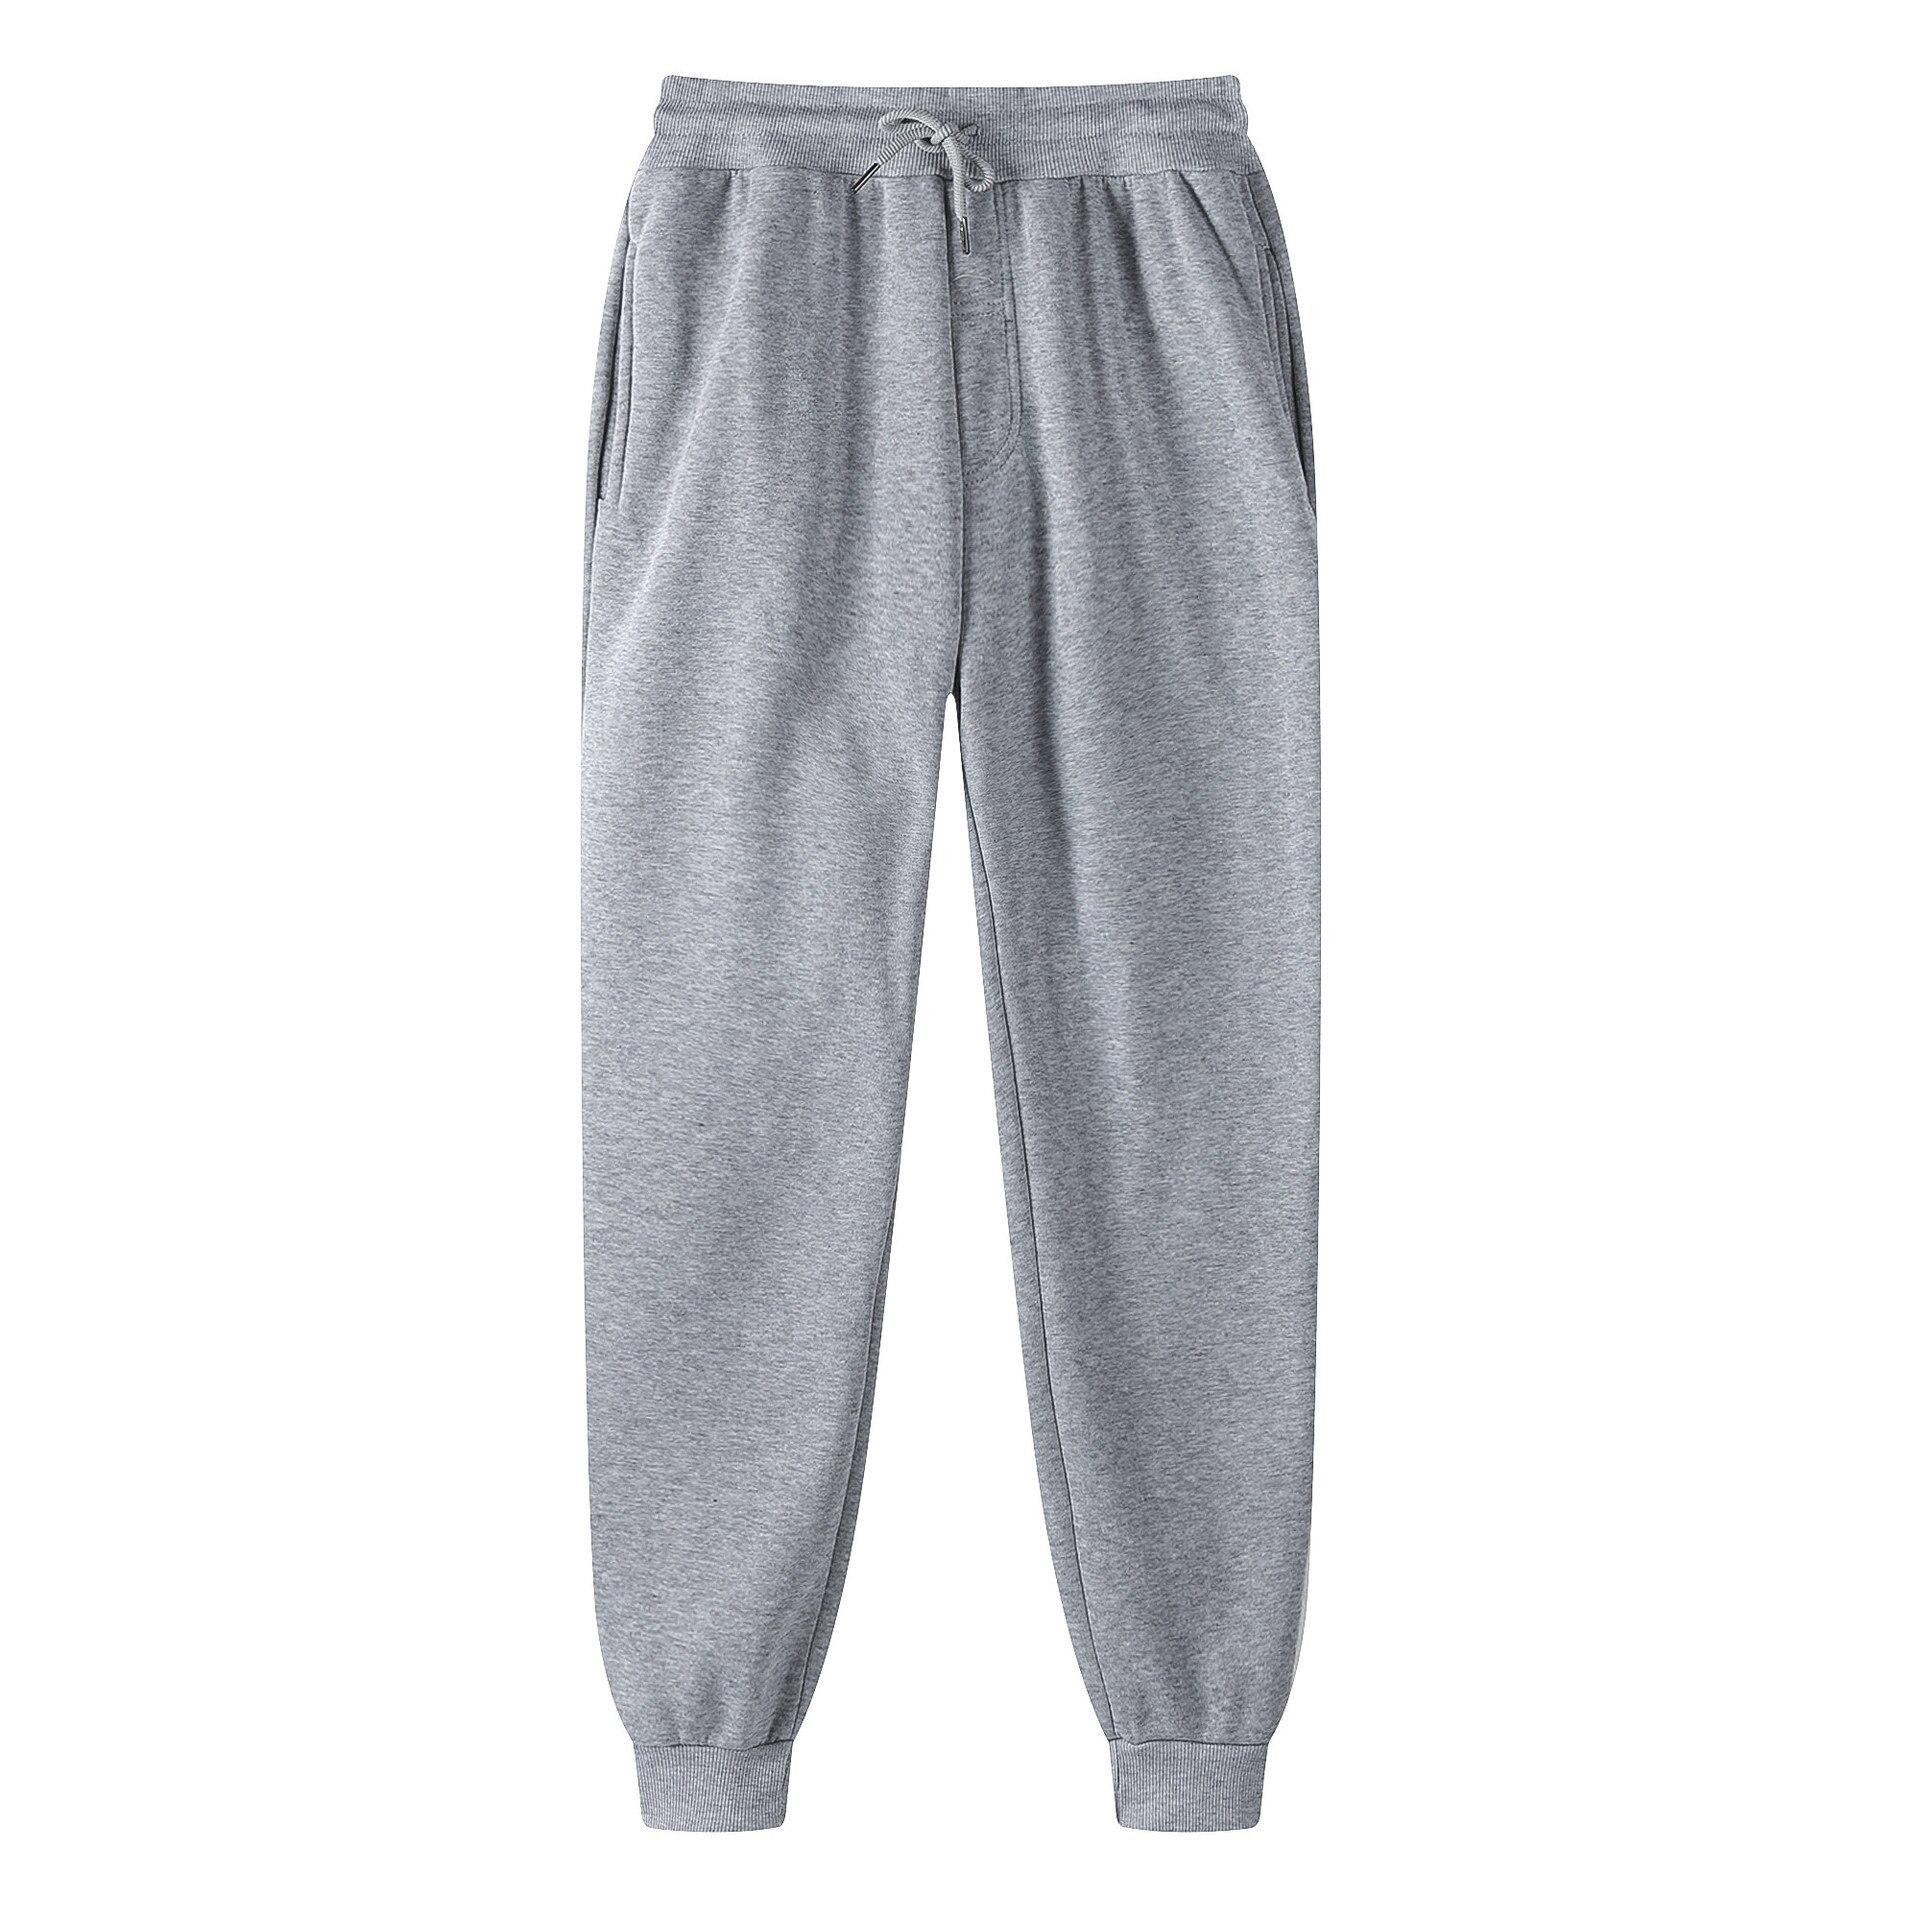 Мужская одежда, зимняя повседневная одежда для бега, осенняя одежда, спортивная одежда